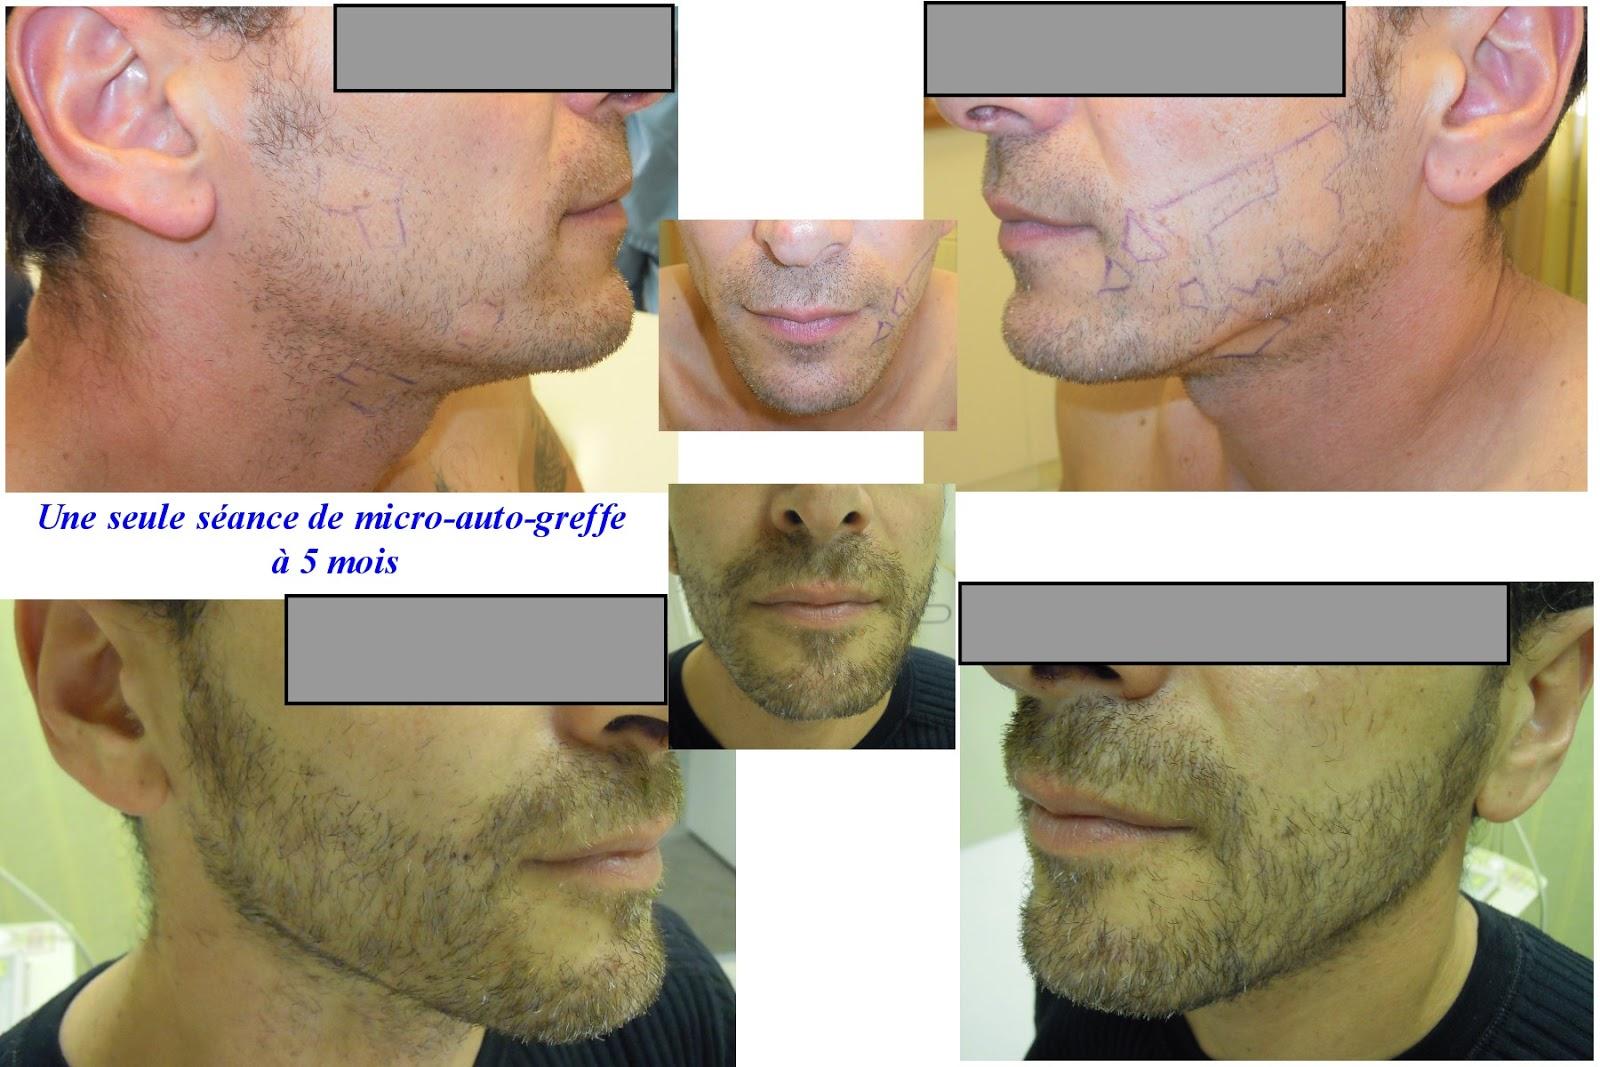 hair for life implants capillaires vos cheveux mais aussi votre barbe pour la vie. Black Bedroom Furniture Sets. Home Design Ideas